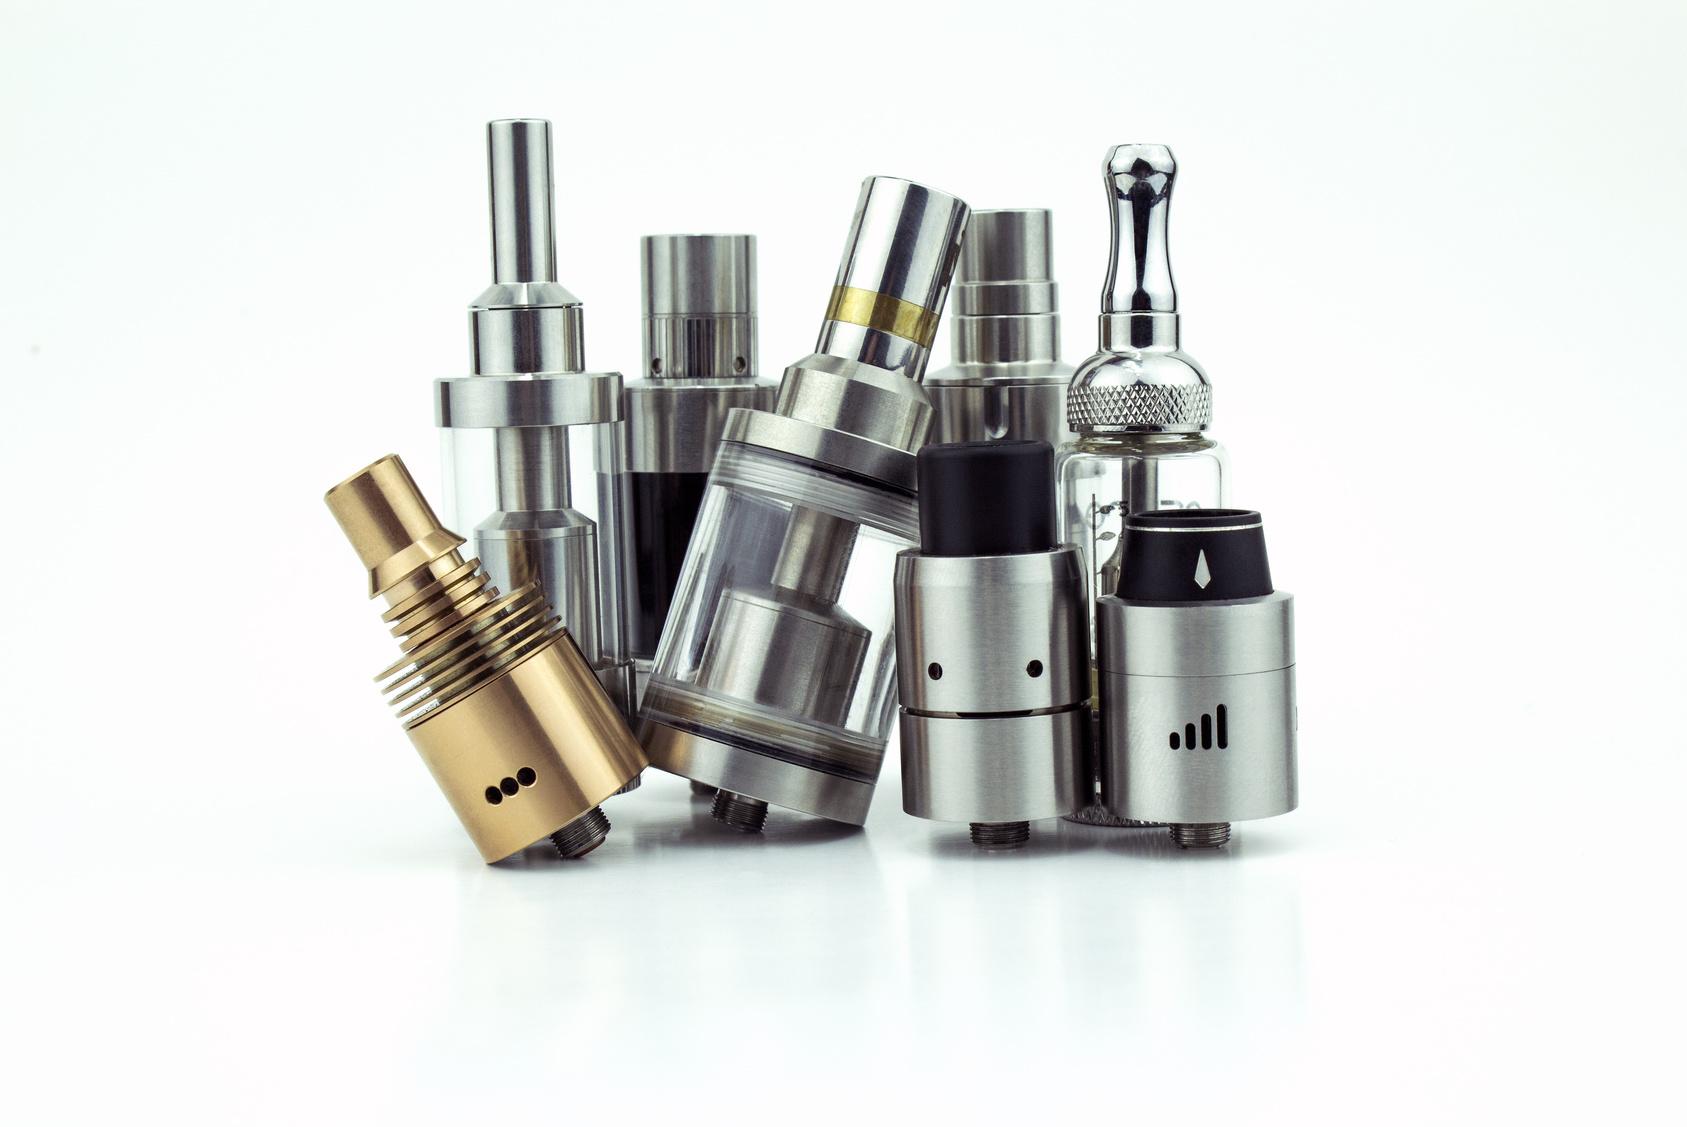 Nützliche Infos rund um das Mundstück der E-Zigarette